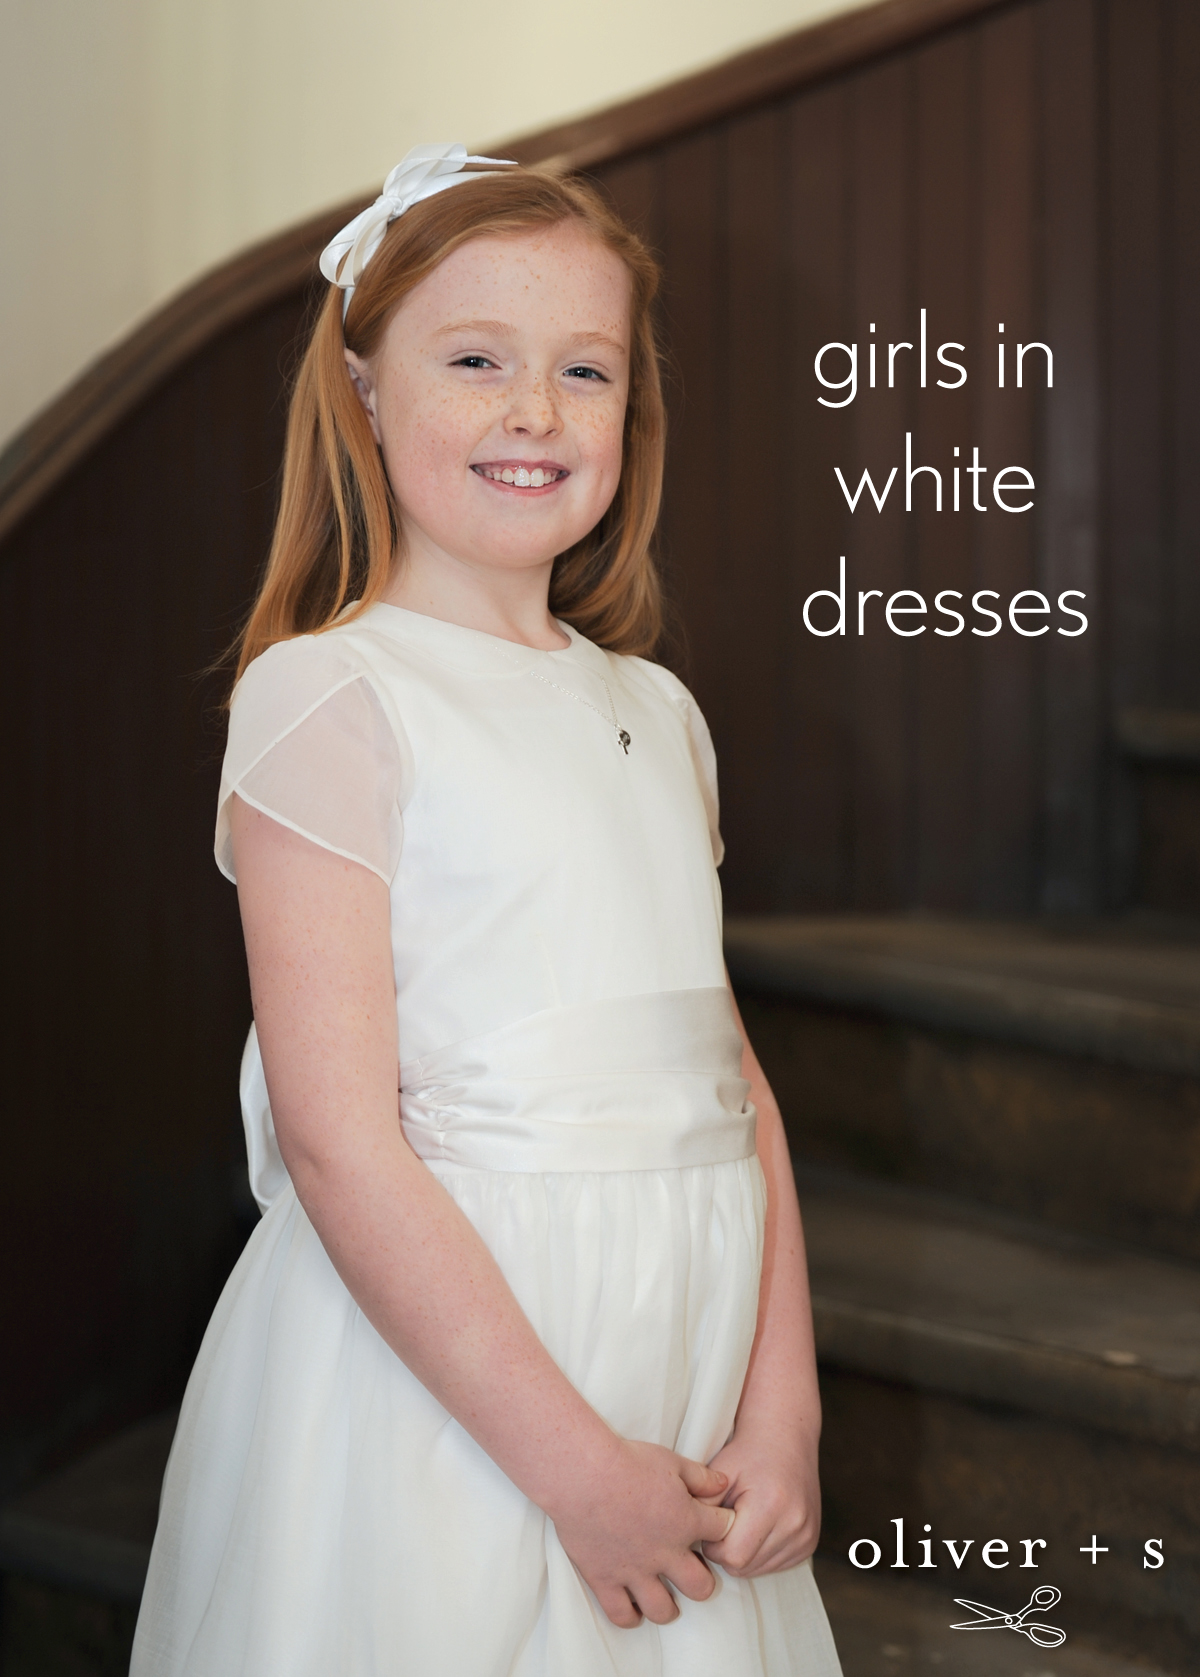 Girls in White Dresses | Blog | Oliver + S